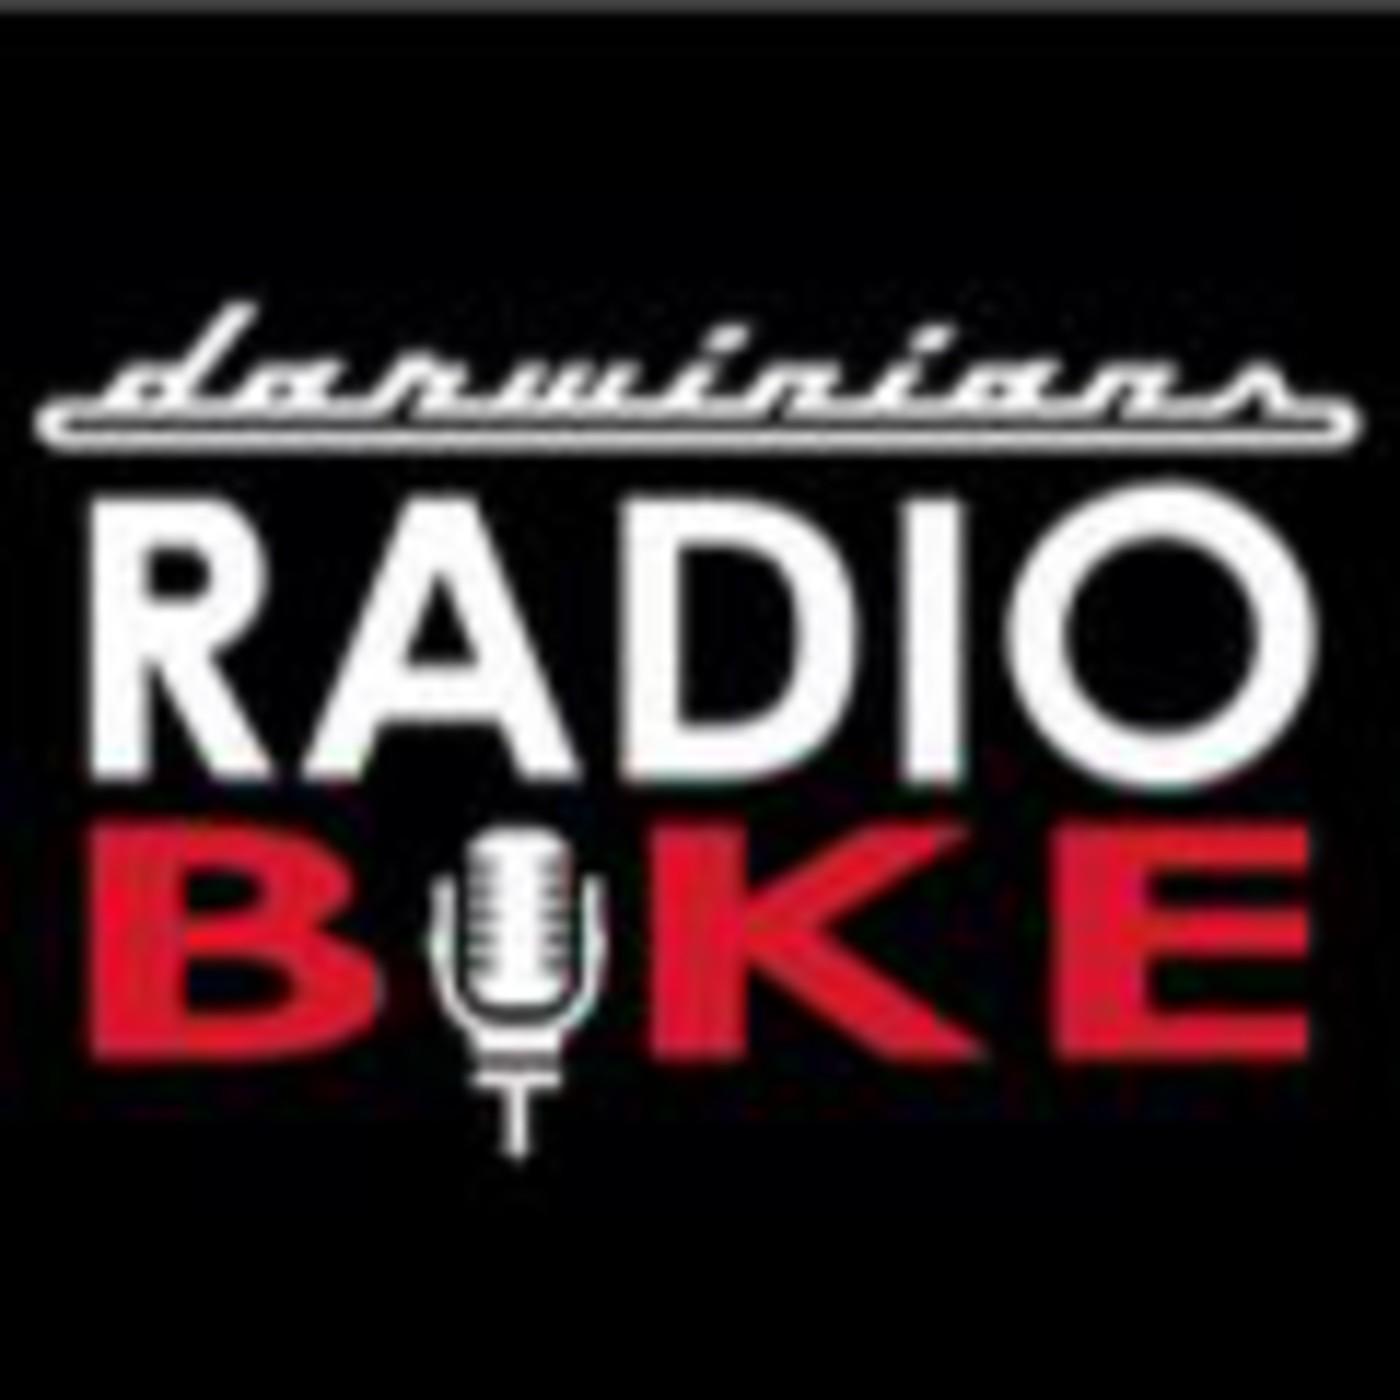 Darwinians Radio Bike